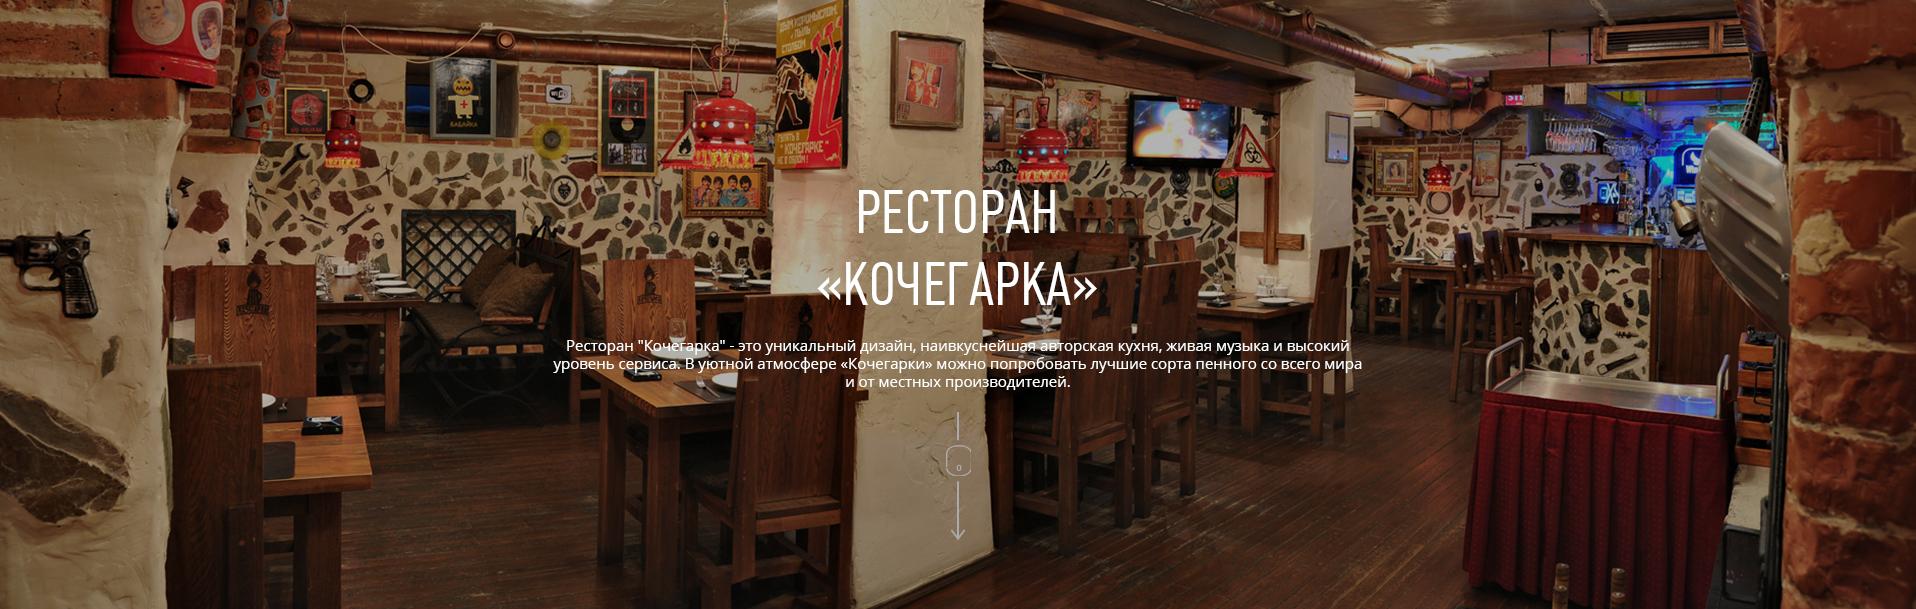 """Дизайн ресторана """"Кочерга"""""""